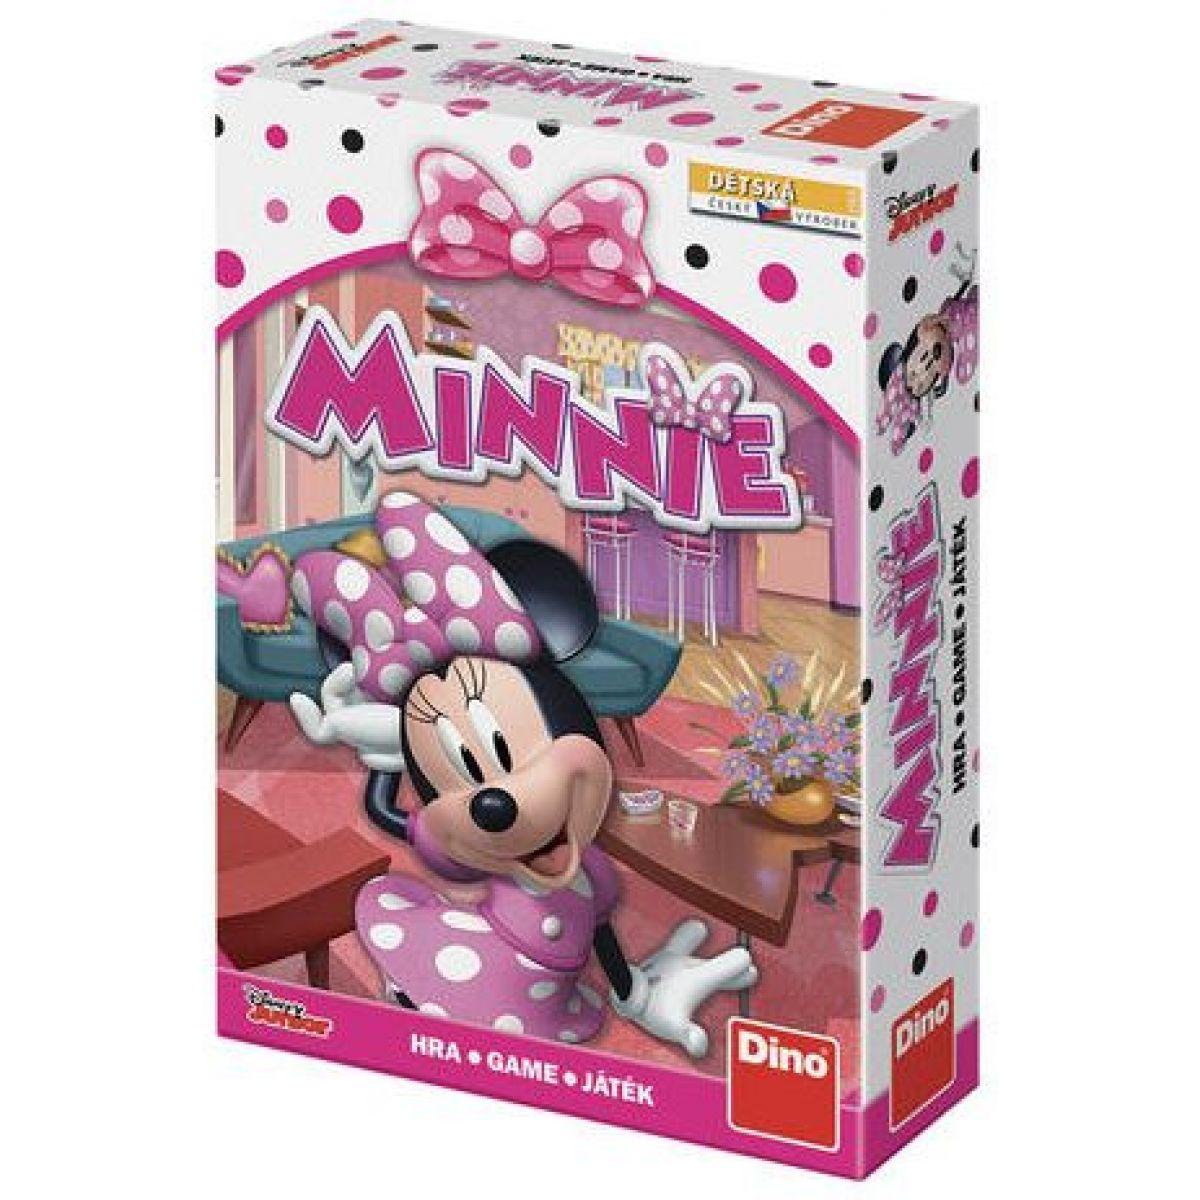 Dino Minnie detská hra